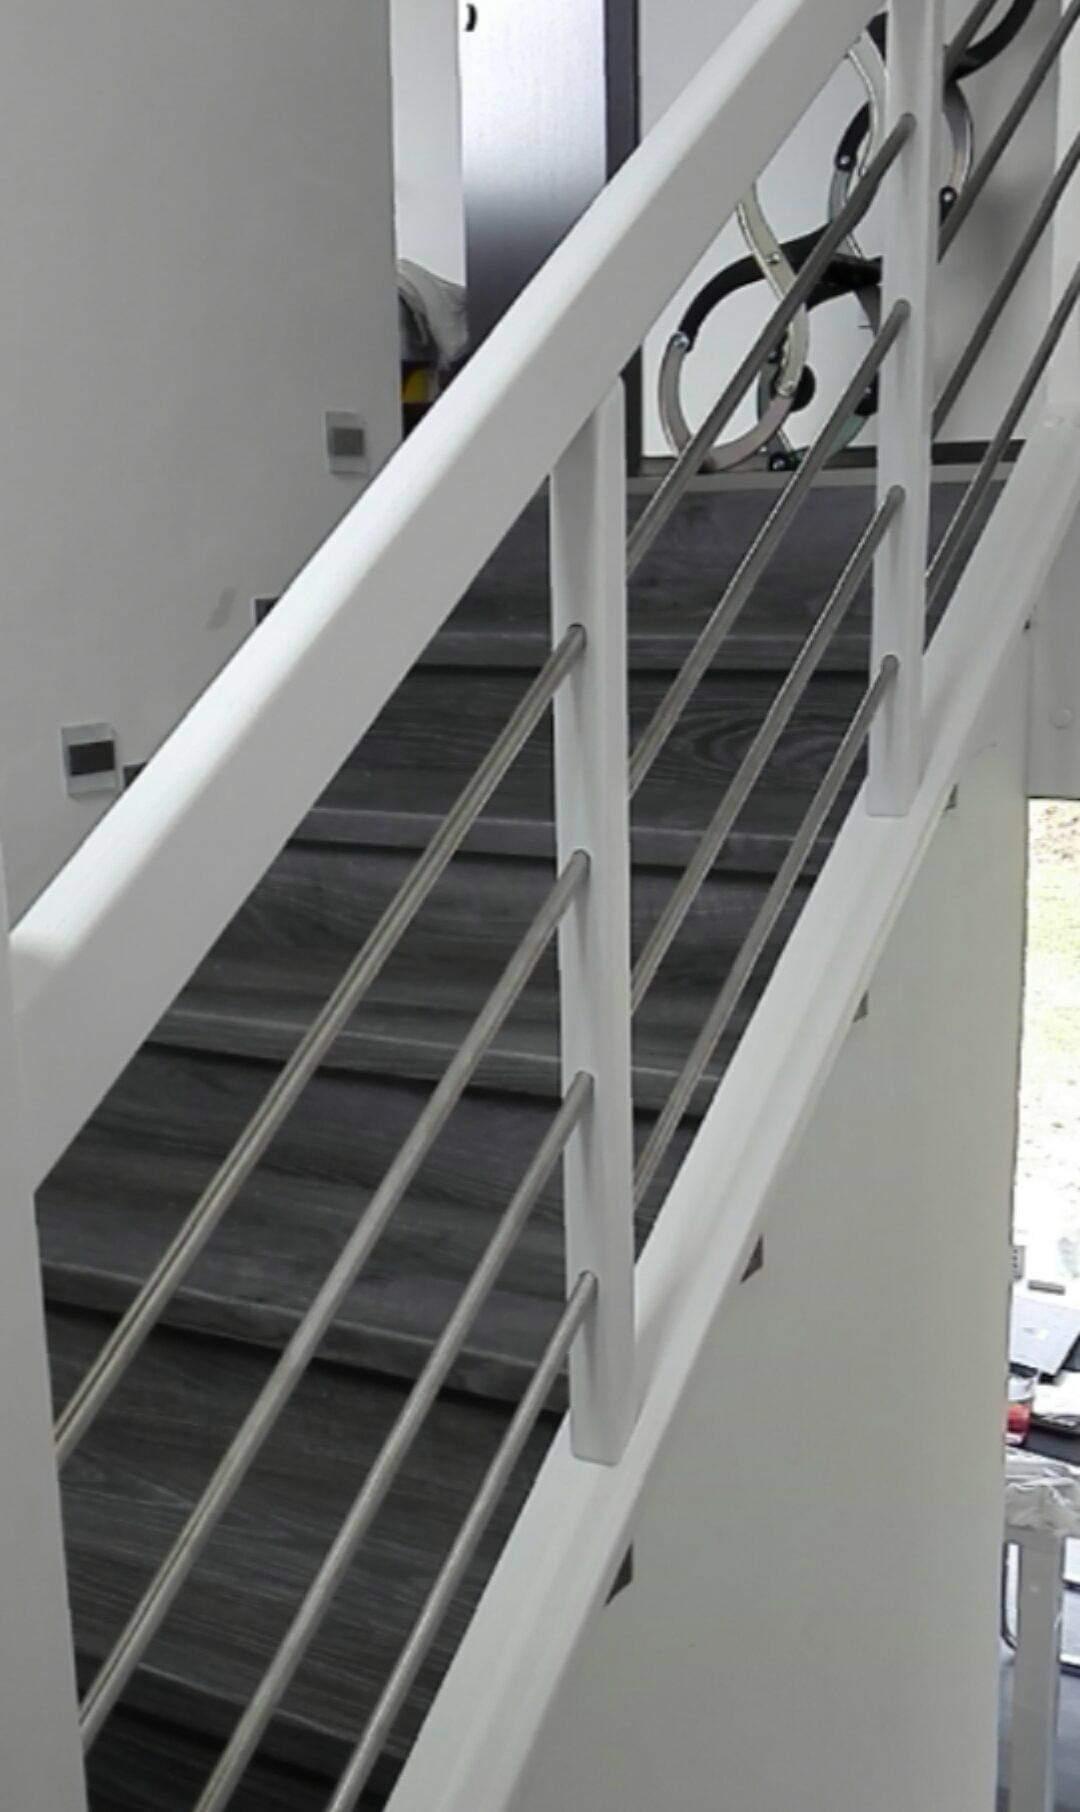 Stavba domu na kraji Prahy - Schodišťové zábradlí instalováno a schody jsou potaženy vinylem. Nejdříve jsem ze zábradlí byla nesvá, poté jsem si zvykla.